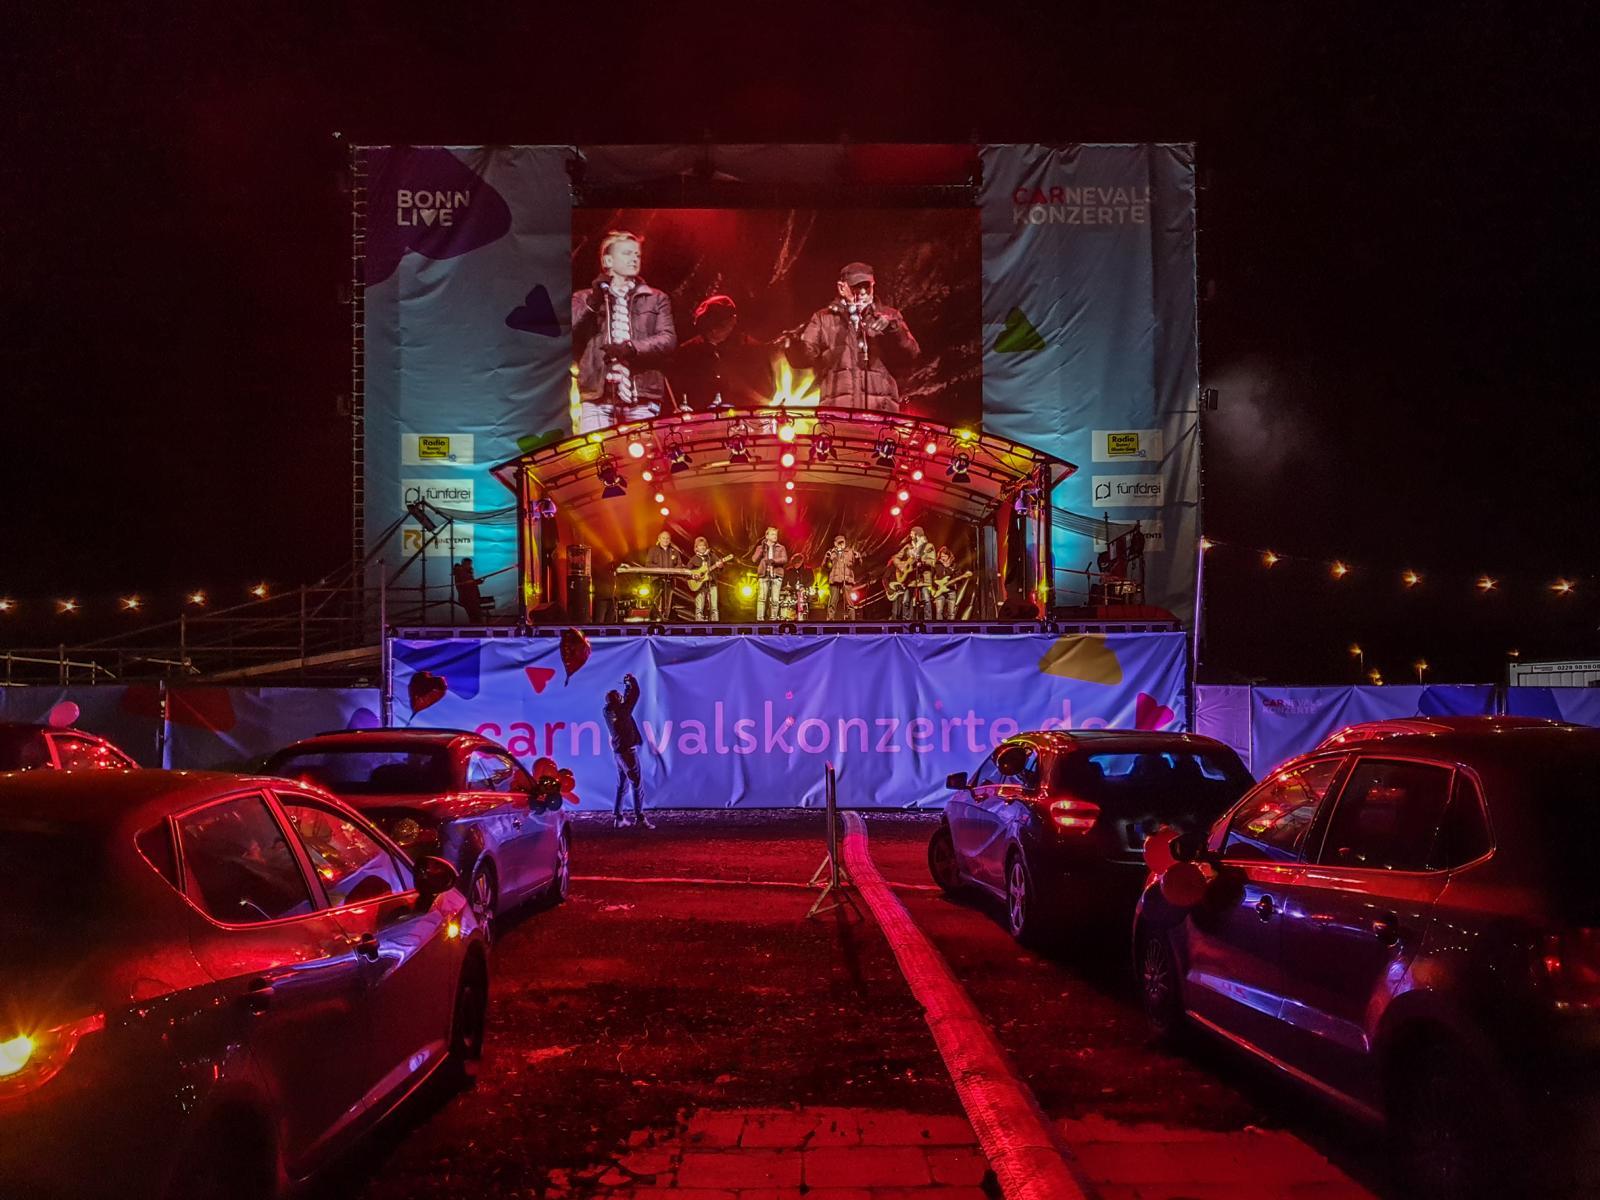 wieverfastelovend 2021: Jeckinnen und Jecke schunkelten sich in ihren Autos warm bei der Carnevalssitzung in Bonn 11.02.2021